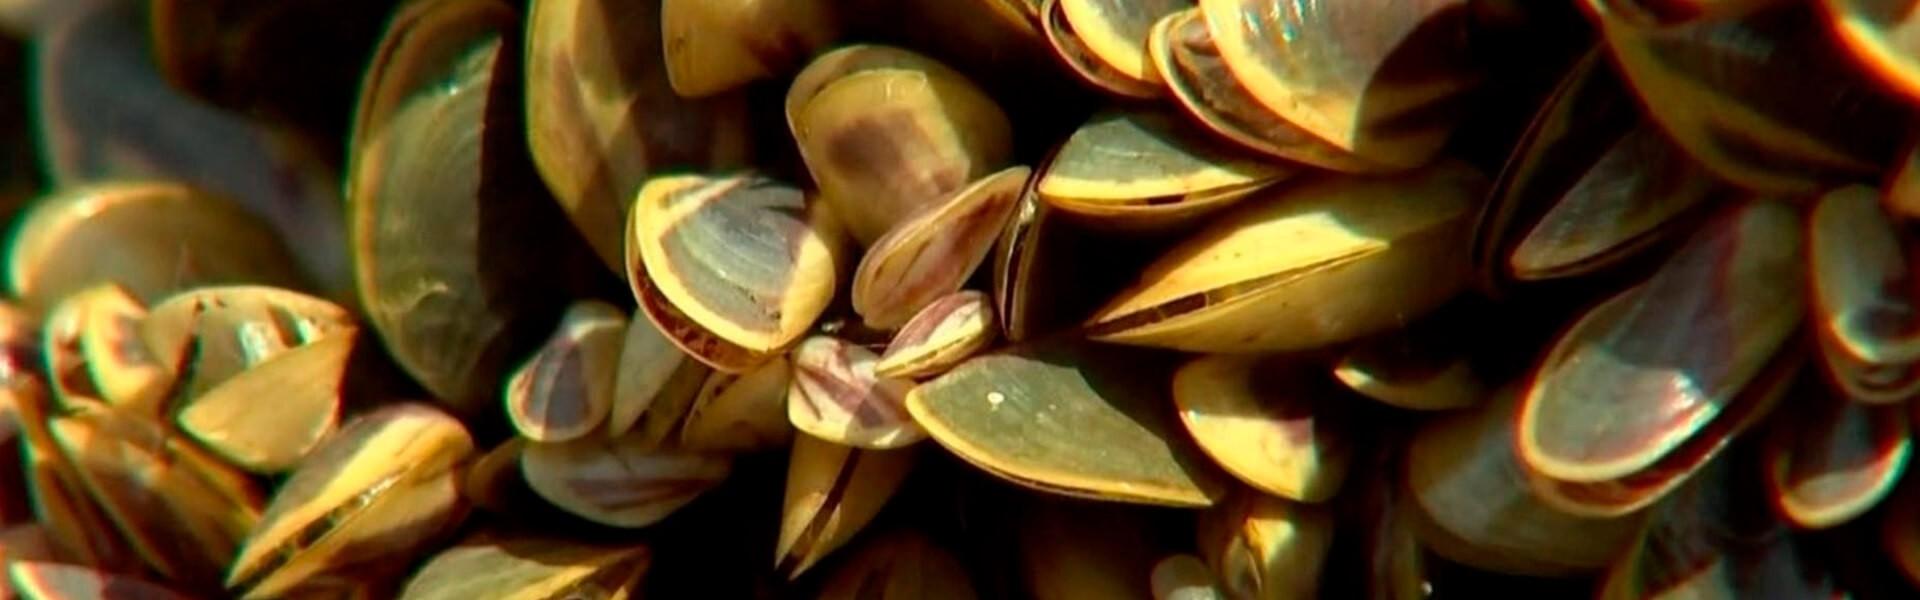 Mexilhão-dourado